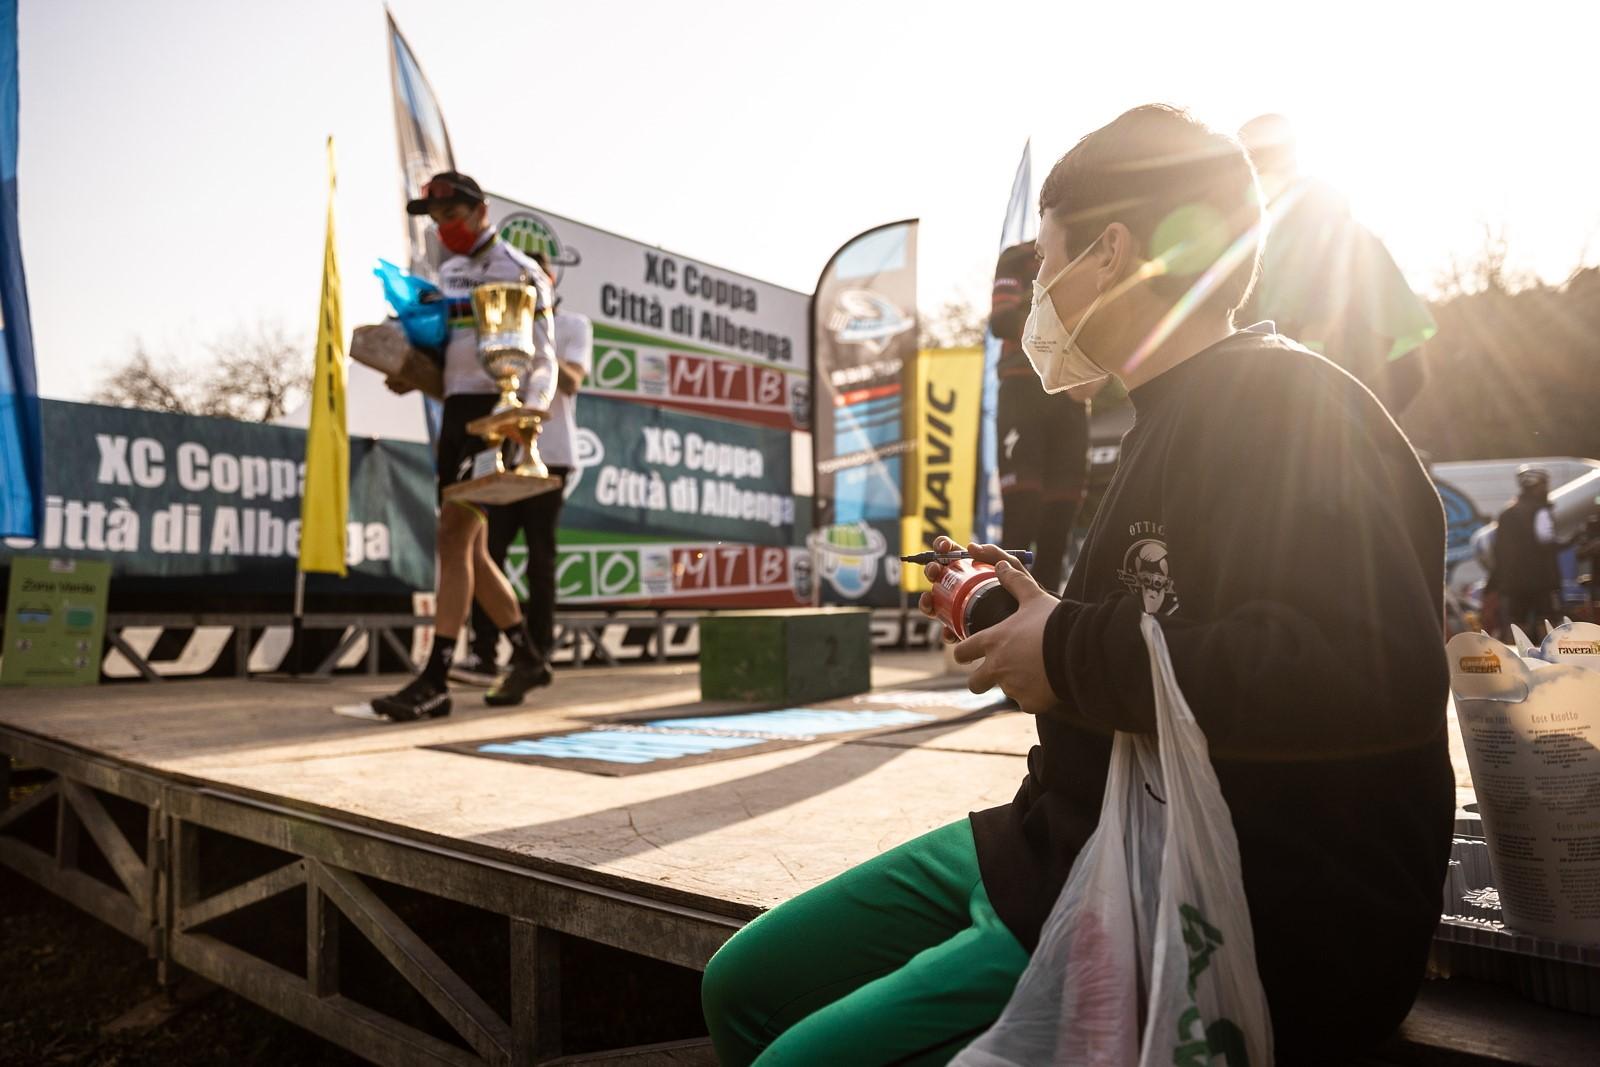 Stupně vítězů při prvním závodě opanovali cyklisté týmu Specialized, na něž čekali i lovci autogramů. Foto: Michal Červený